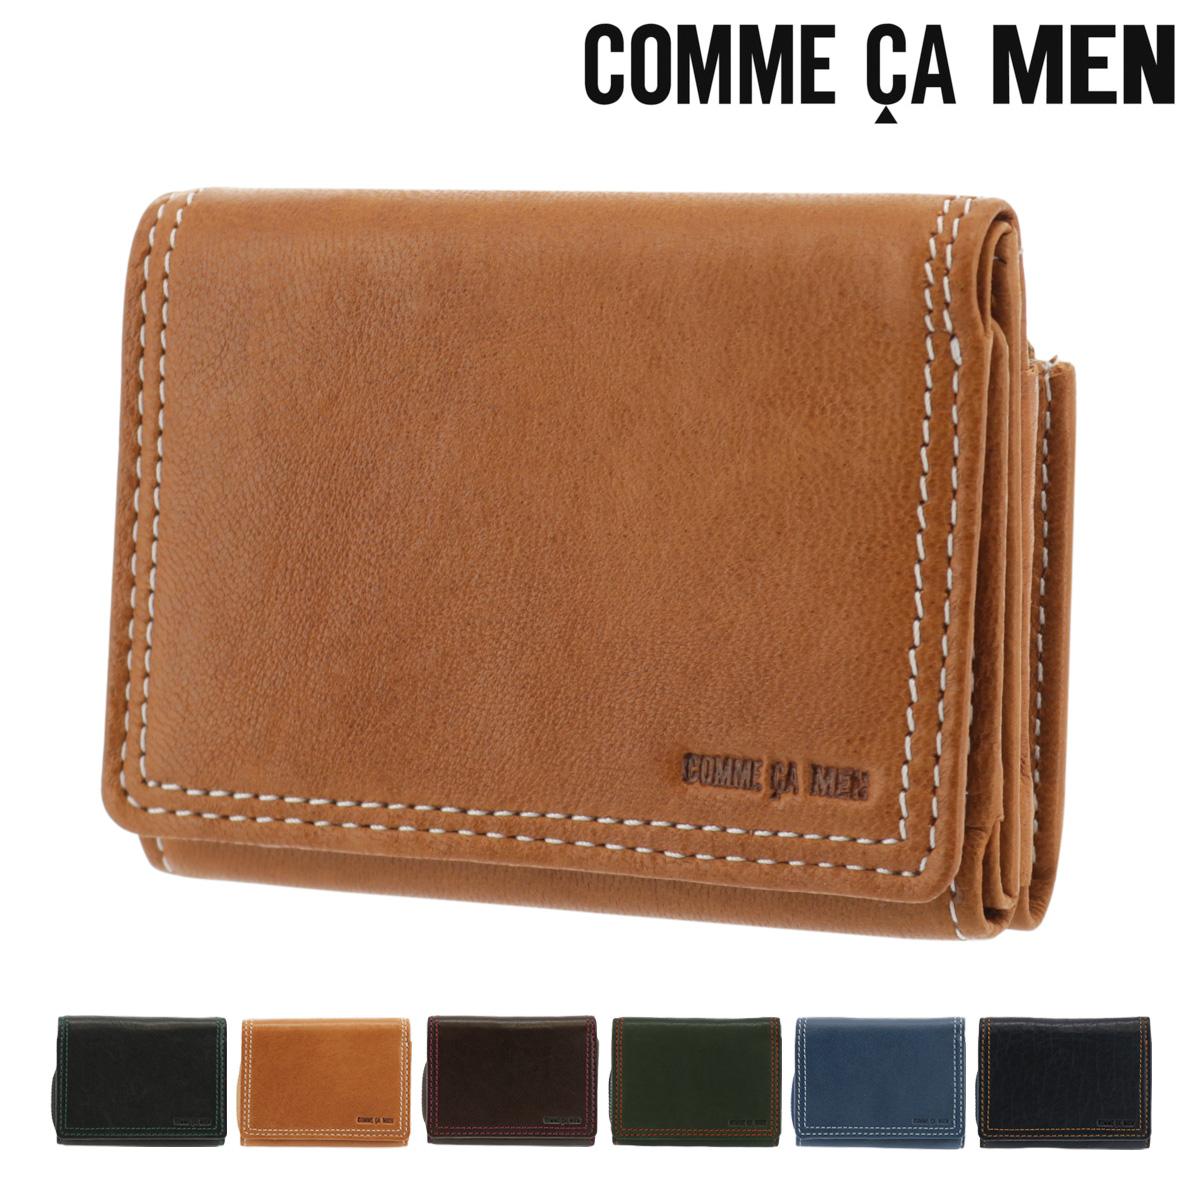 コムサメン 三つ折り財布 ミニ財布 ラミ メンズ 6880 COMME CA MEN | ブランド専用BOX付き 本革 レザー